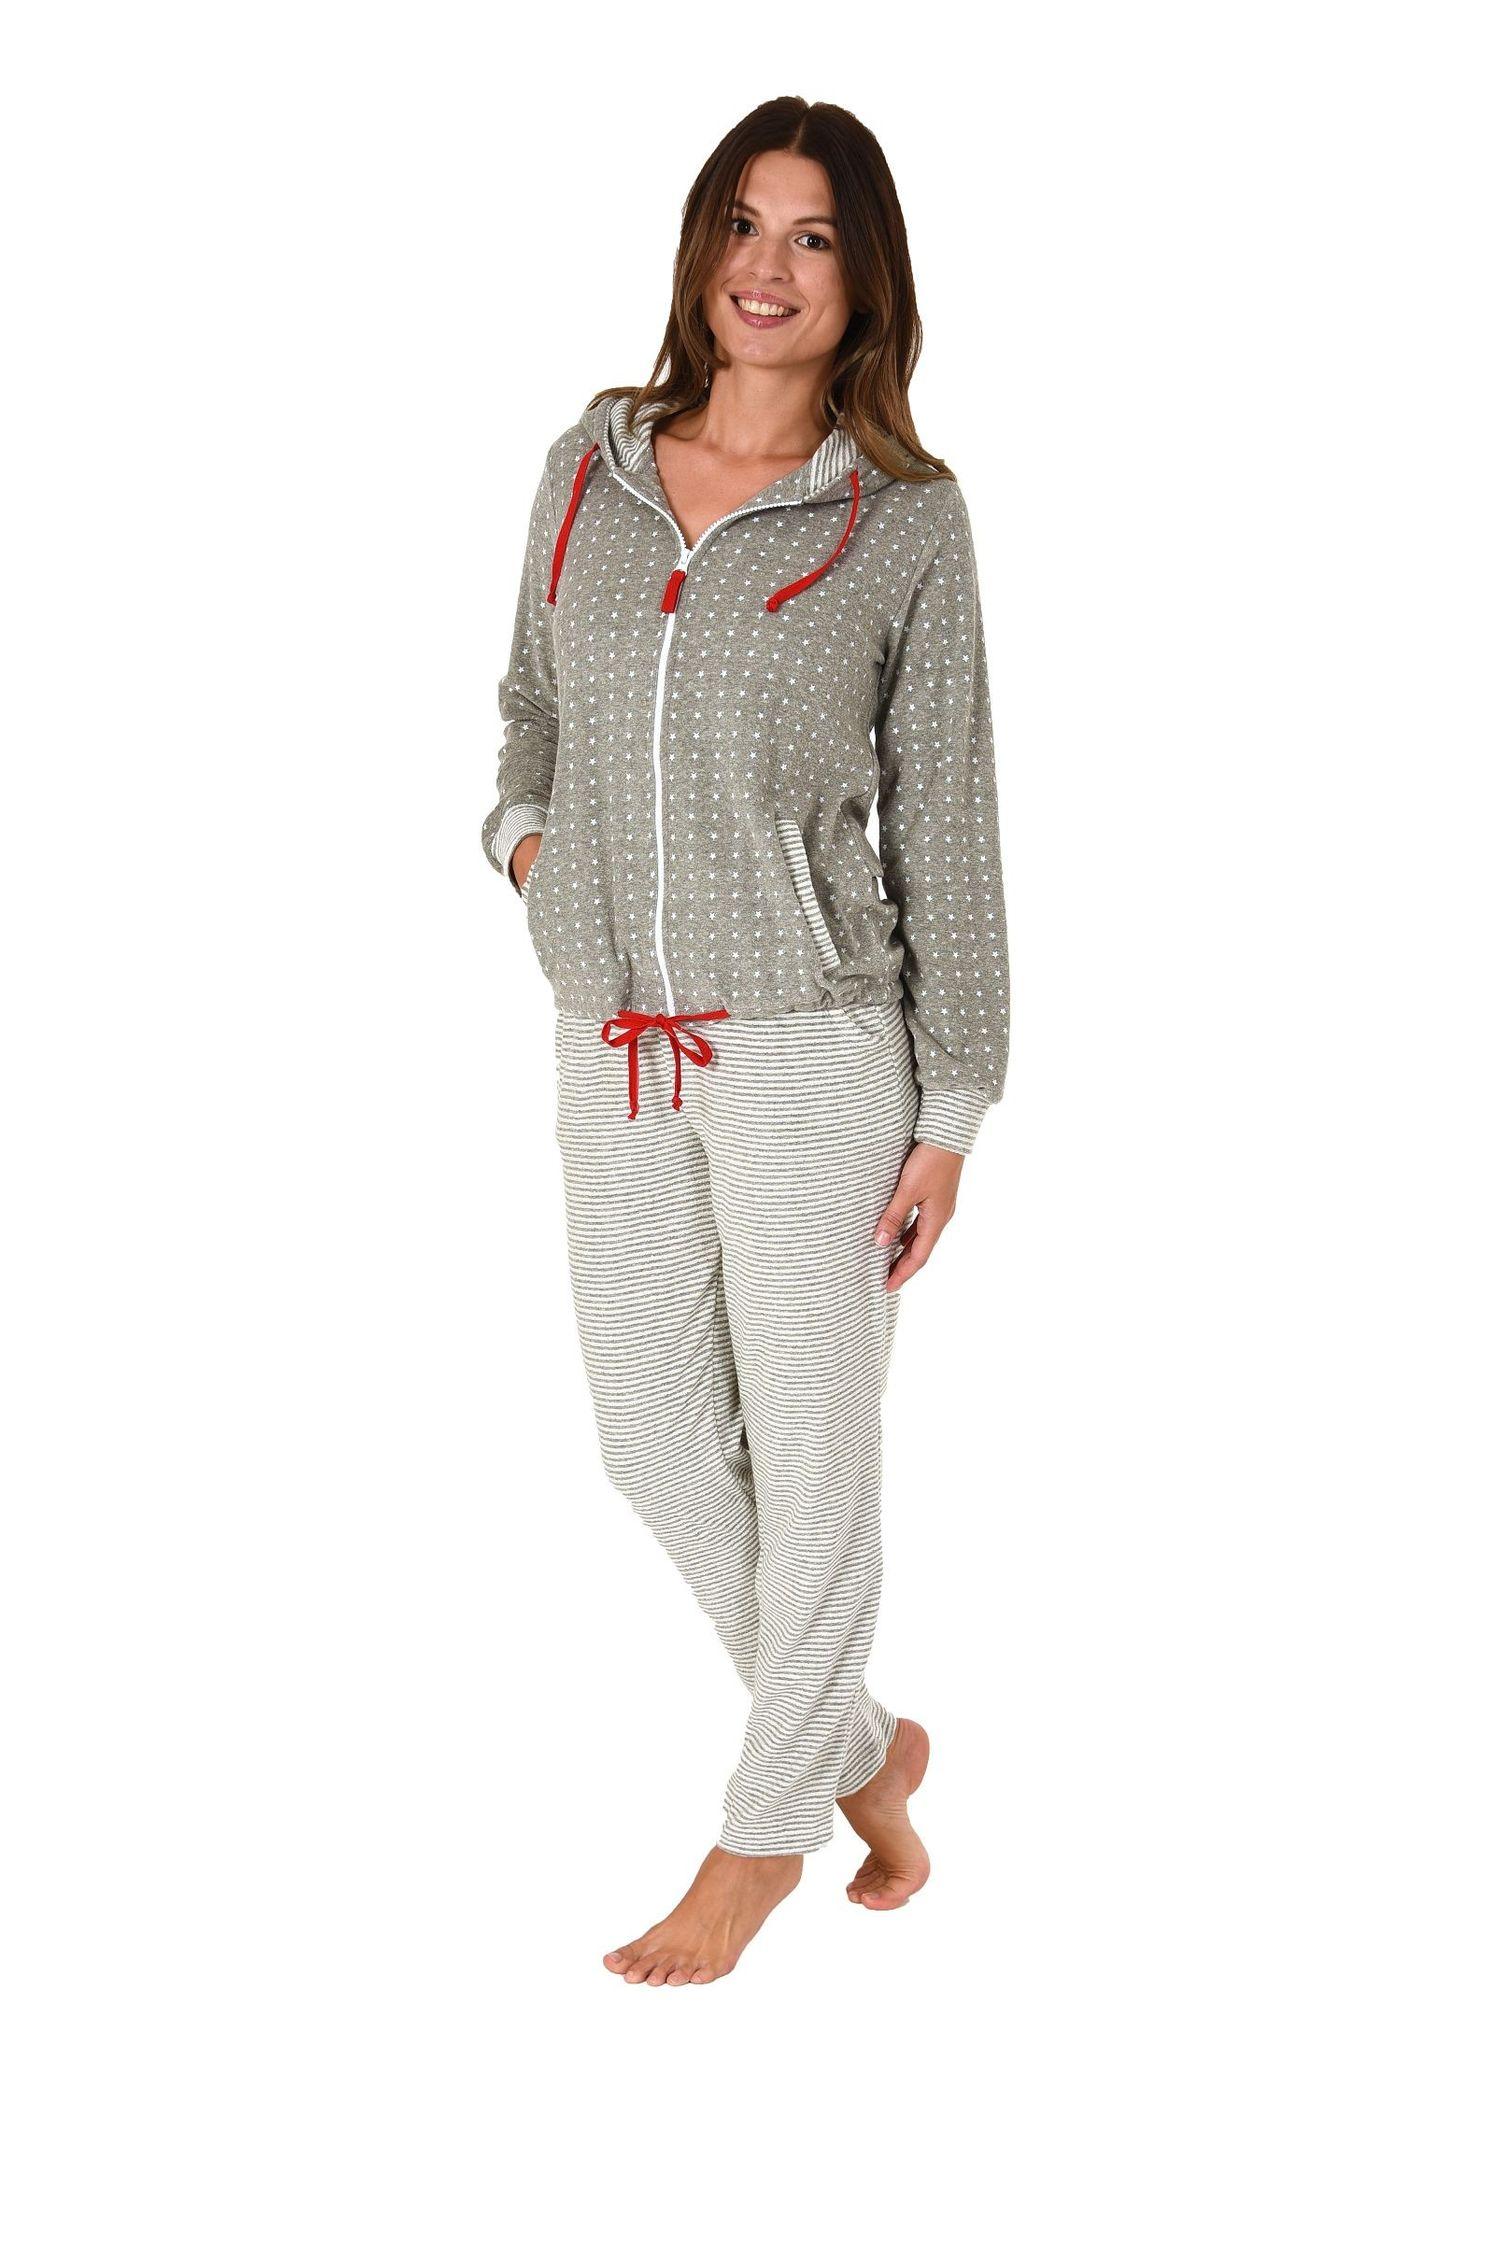 Damen Frottee Hausanzug Sternedesign Homewear Loungewear – auch in Übergrössen bis 60/62 – Bild 2